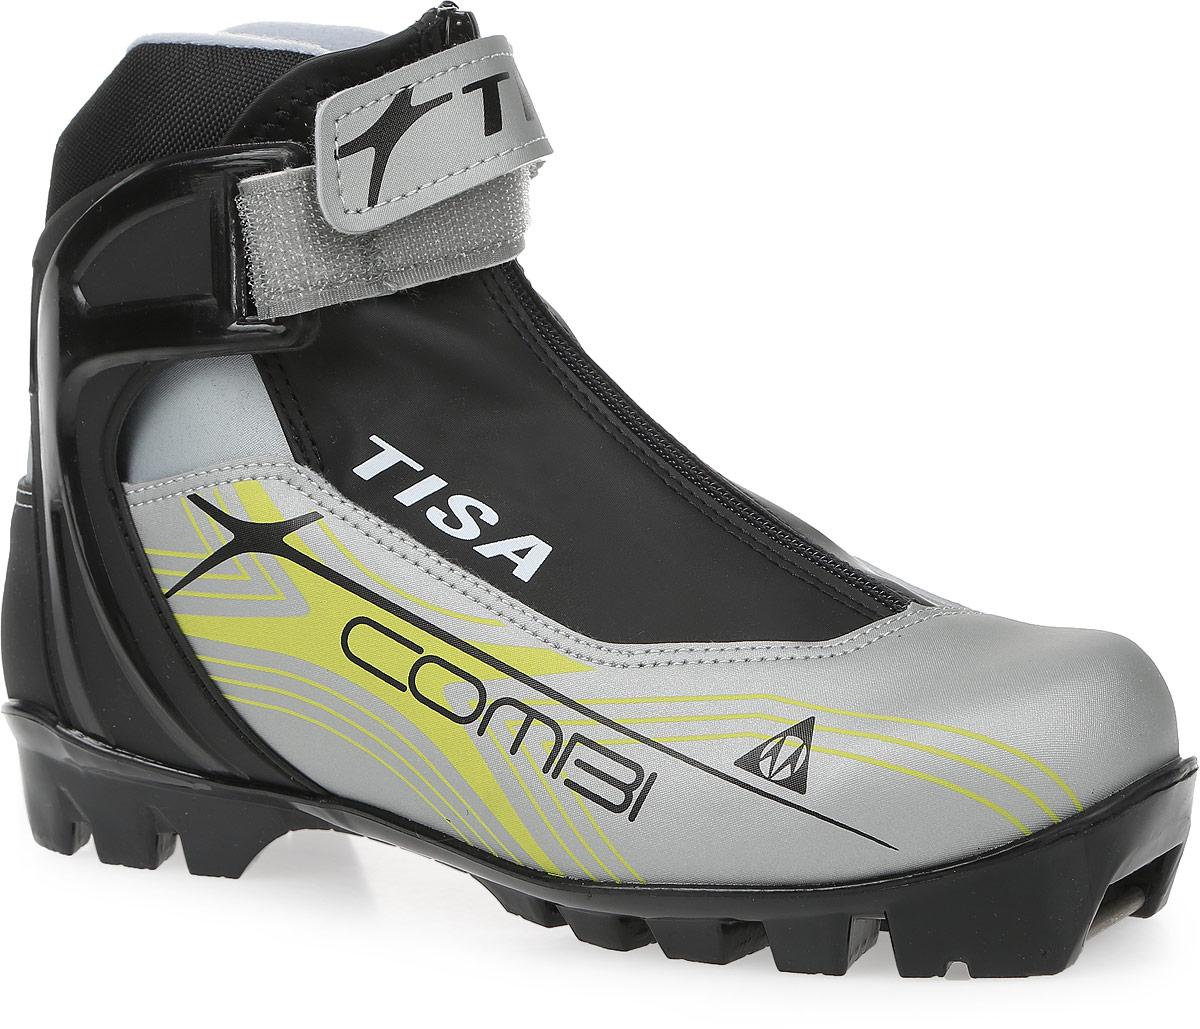 Ботинки лыжные беговые Tisa Combi NNN, цвет: черный, серый, салатовый. Размер 47S75715Лыжные ботинки Tisa Combi NNN выполнены из искусственных материалов в классическом стиле и предназначены для лыжных прогулок и туризма. Язык защищен текстильной вставкой на застежке-молнии. Подкладка, исполненная из мягкого флиса и искусственного меха, защитит ноги от холода и обеспечит уют. Верх изделия оформлен удобной шнуровкой с петлями из текстиля. Вставки в мысовой и пяточной частях предназначены для дополнительной жесткости. Манжета Control Cuff поддерживает голеностоп. Подошва системы NNN выполнена из полимерного термопластичного материала. С одной из боковых сторон лыжные ботинки дополнены принтом в виде логотипа бренда.